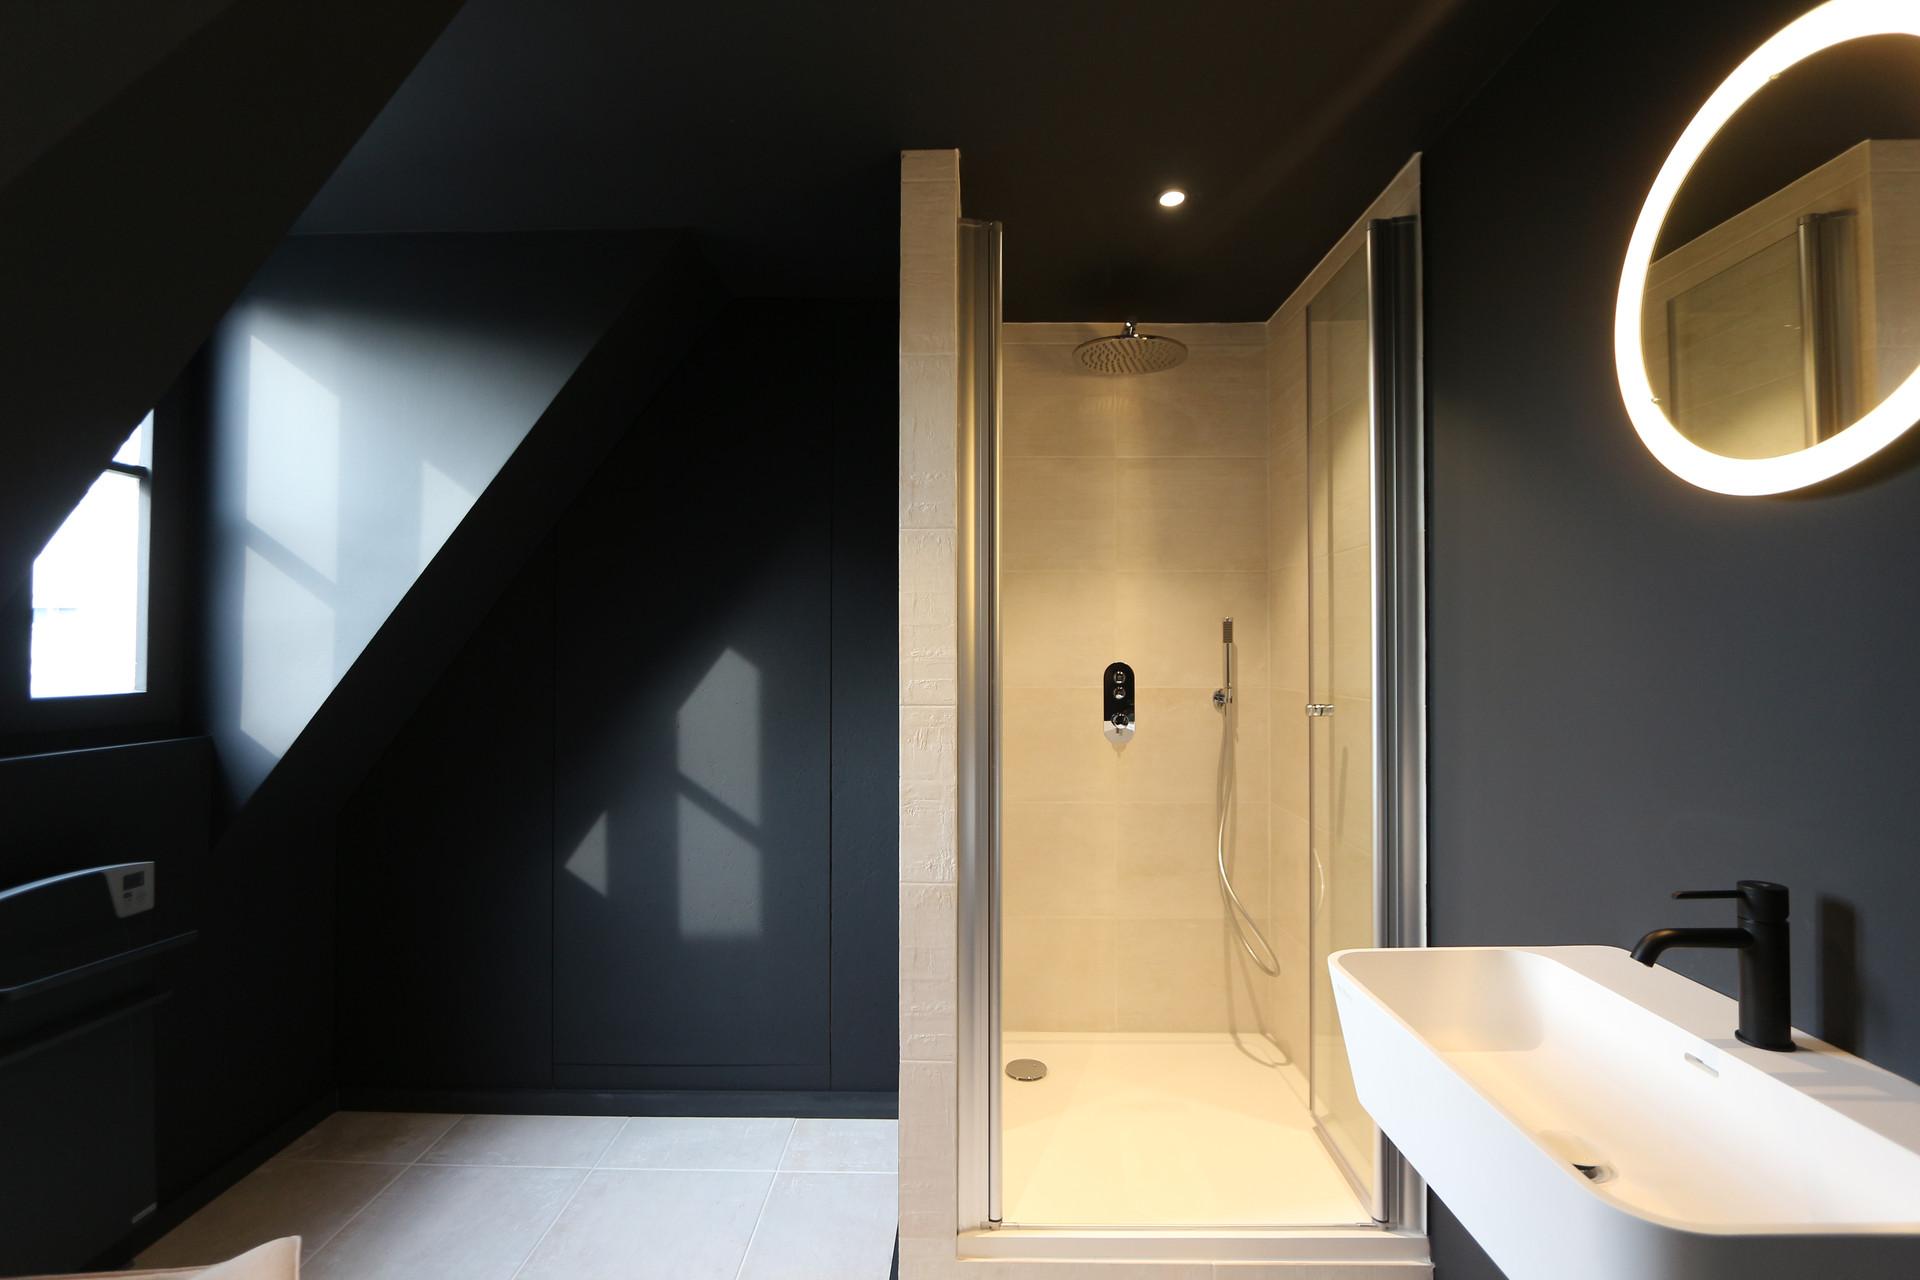 Rénovation de chambres d'hôte bnb à Lille